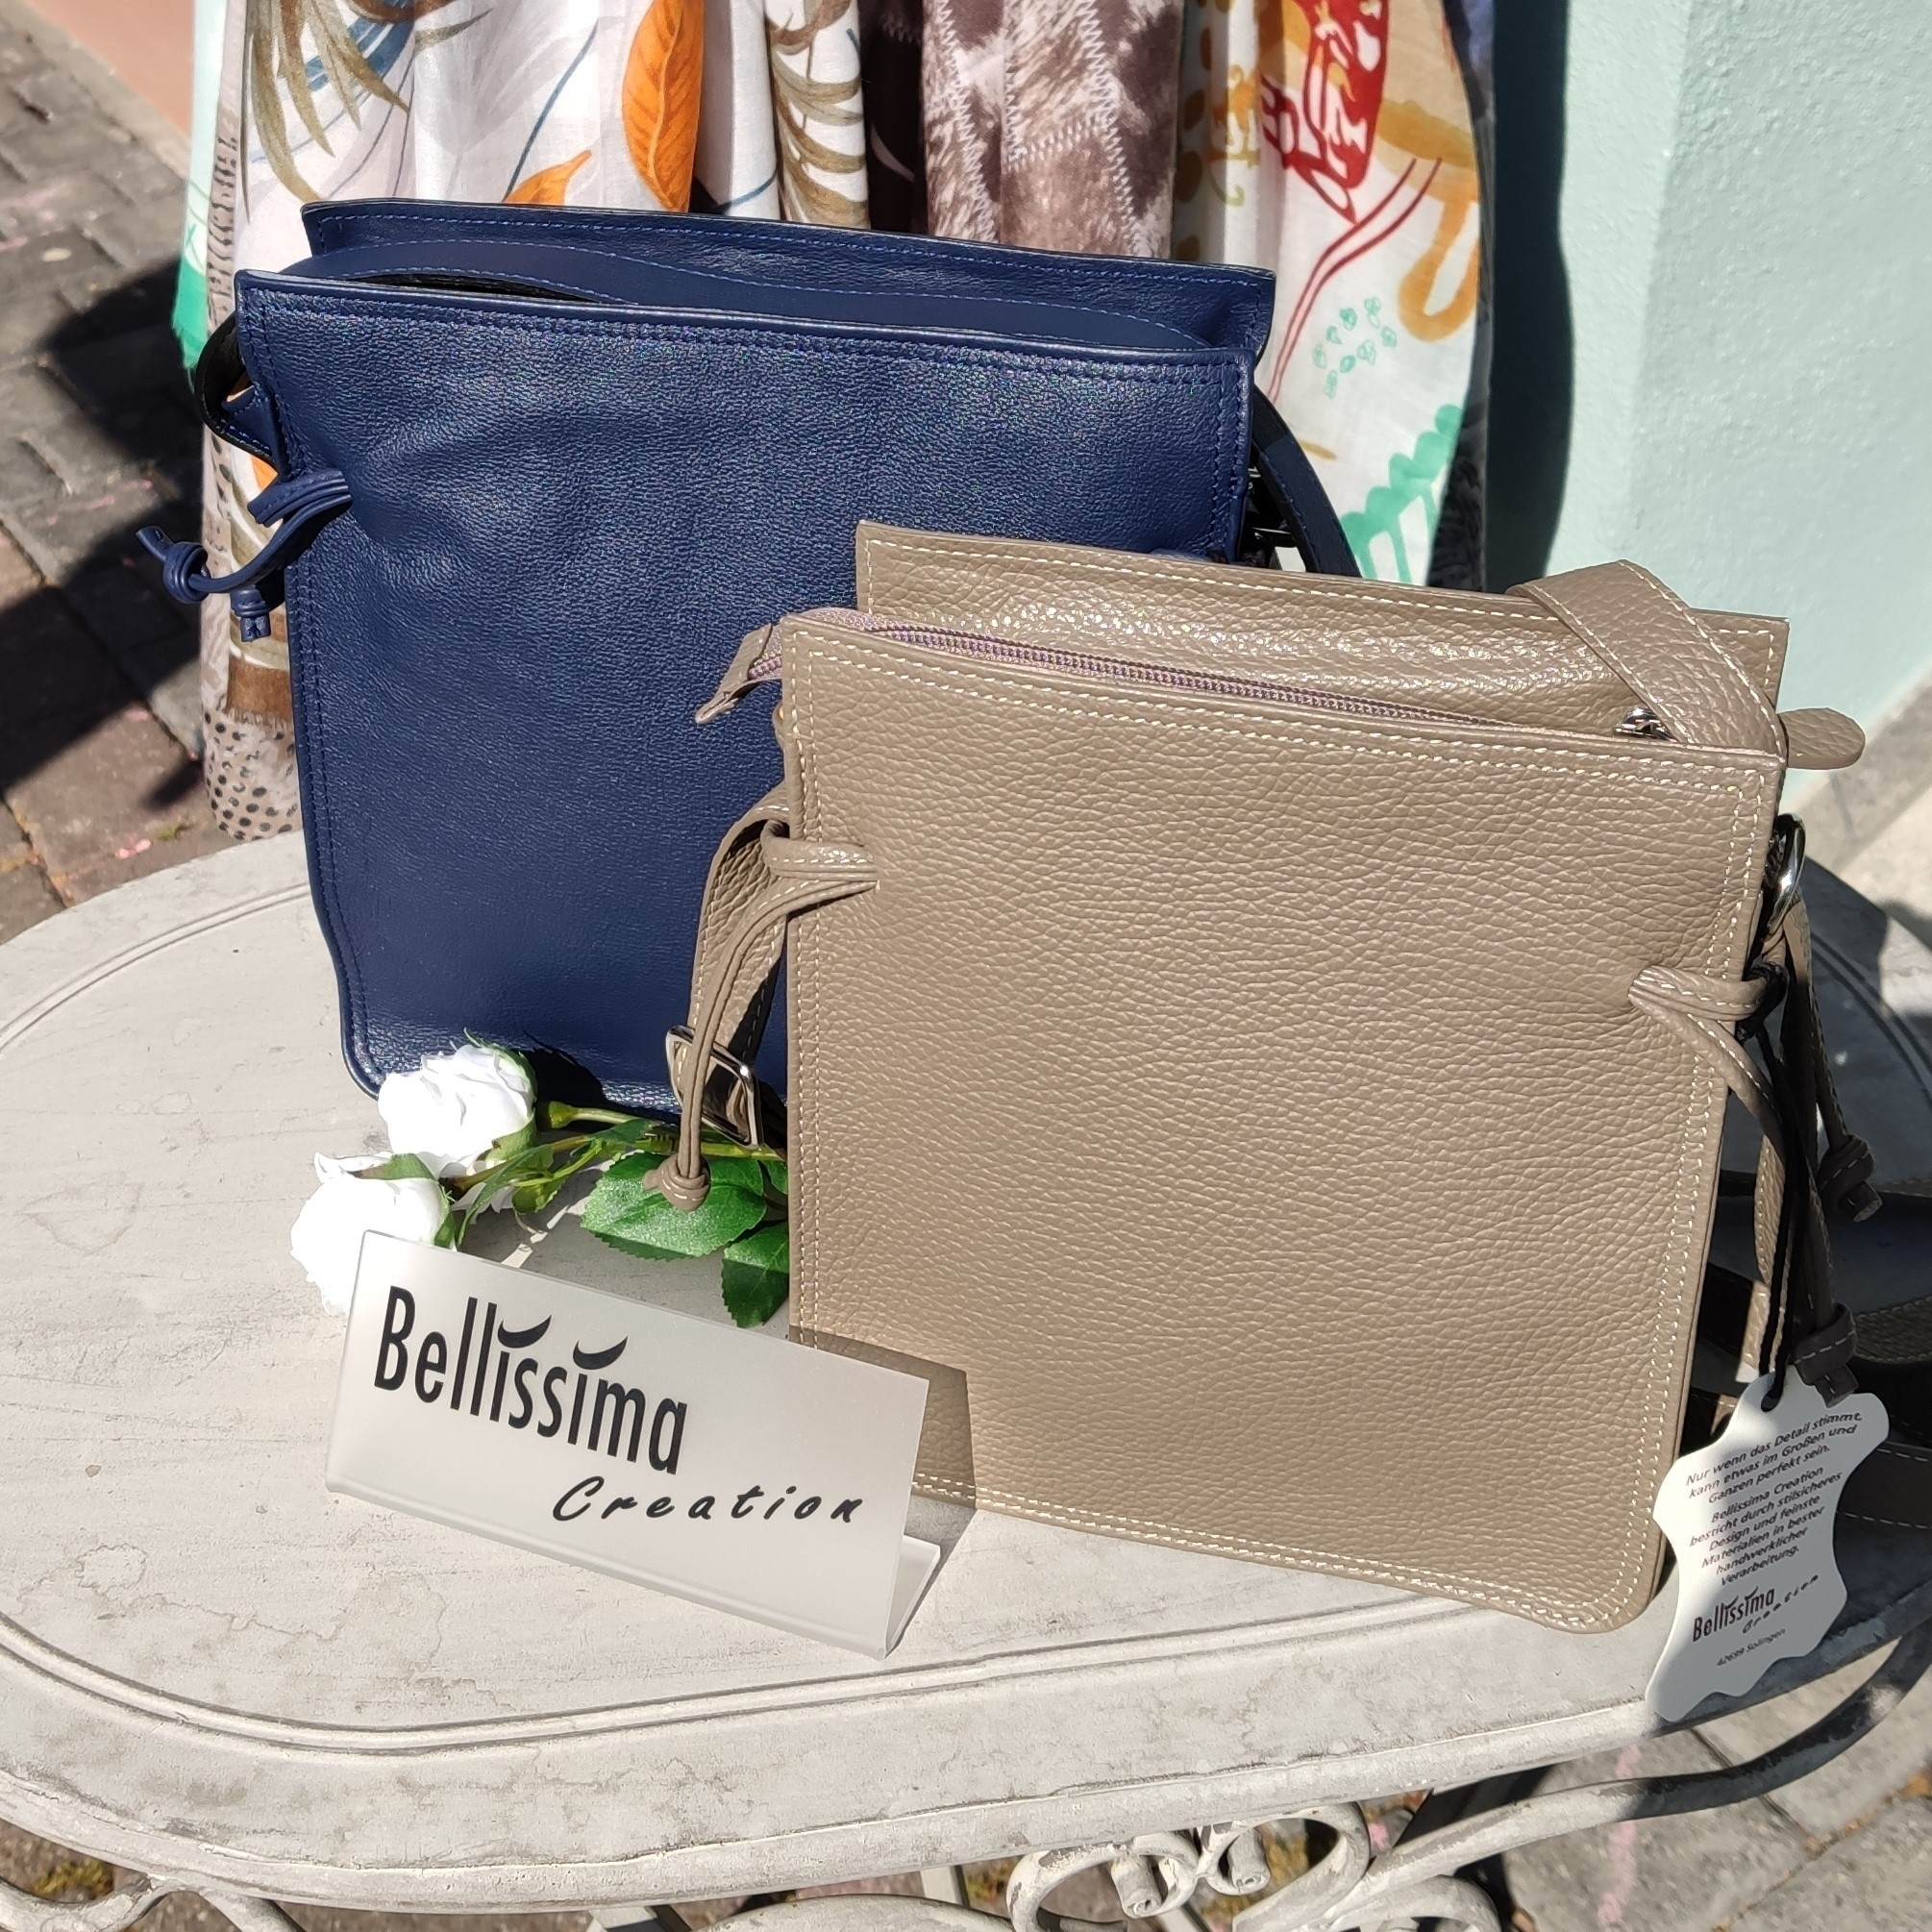 Bellissima Creation - Handtaschen